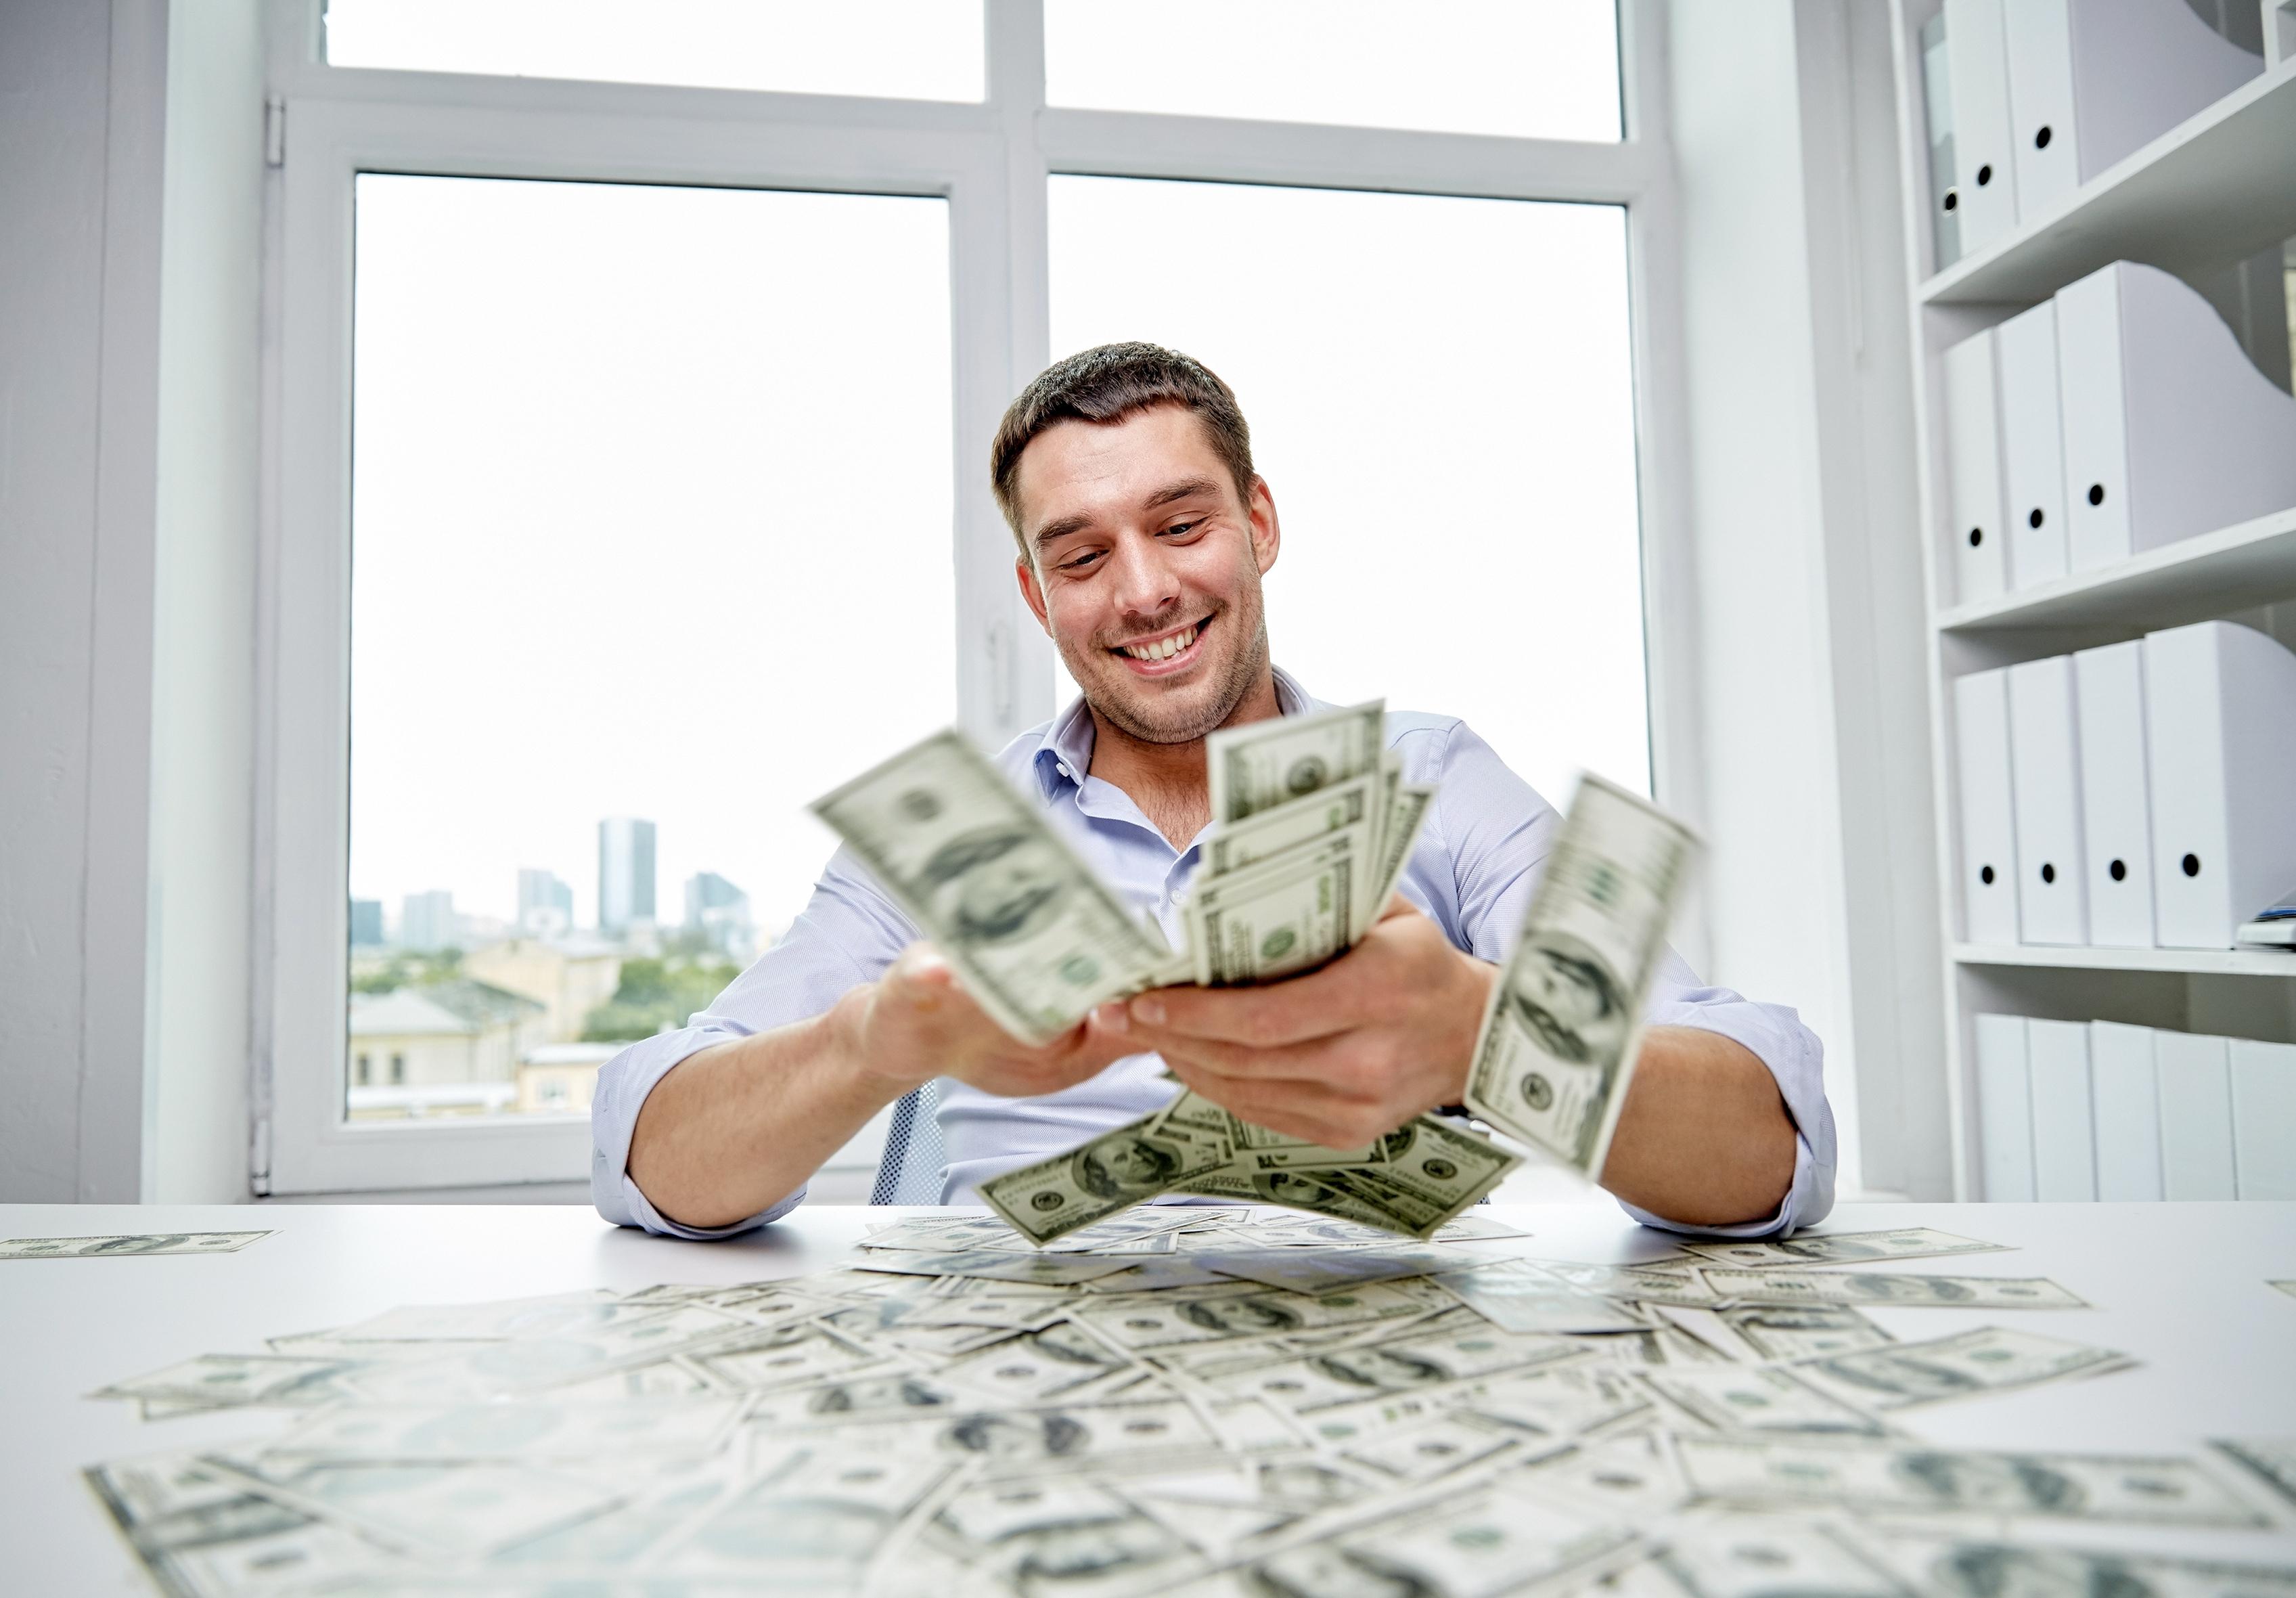 Att vara rik visade sig ha flera fördelar för hälsan enligt studien.